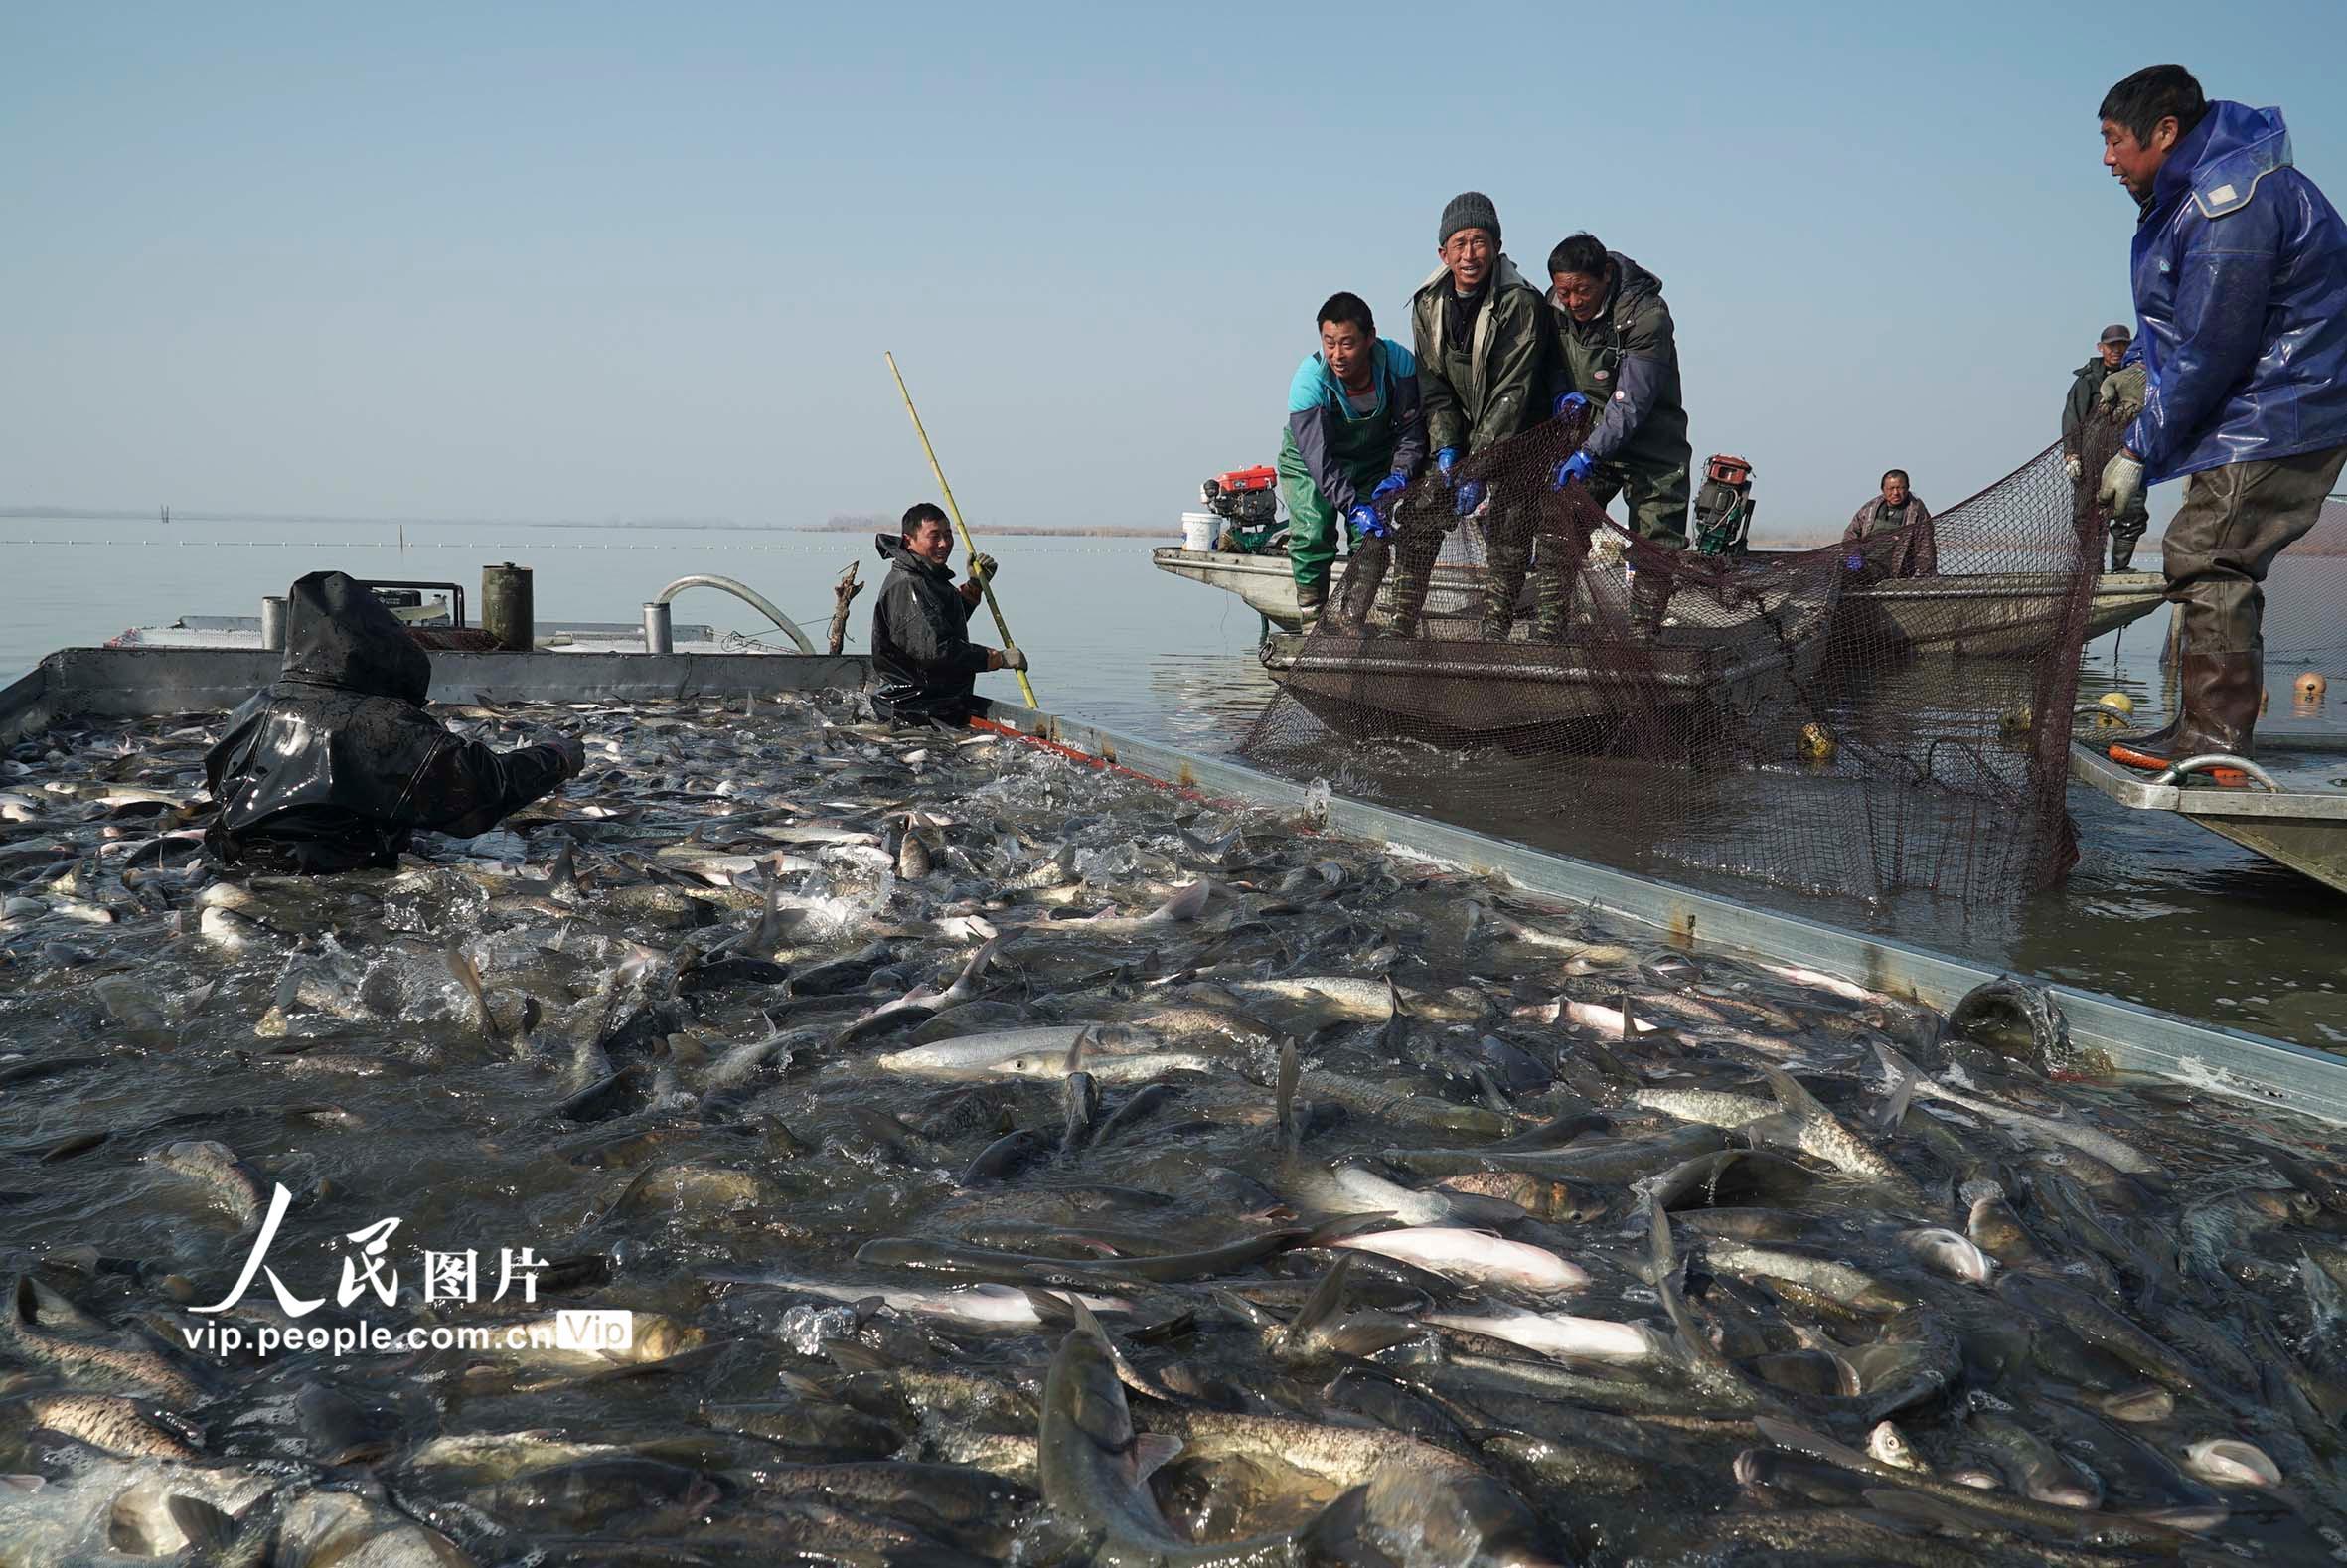 安徽五河:沱湖冬捕300万斤生态鱼将投放市场